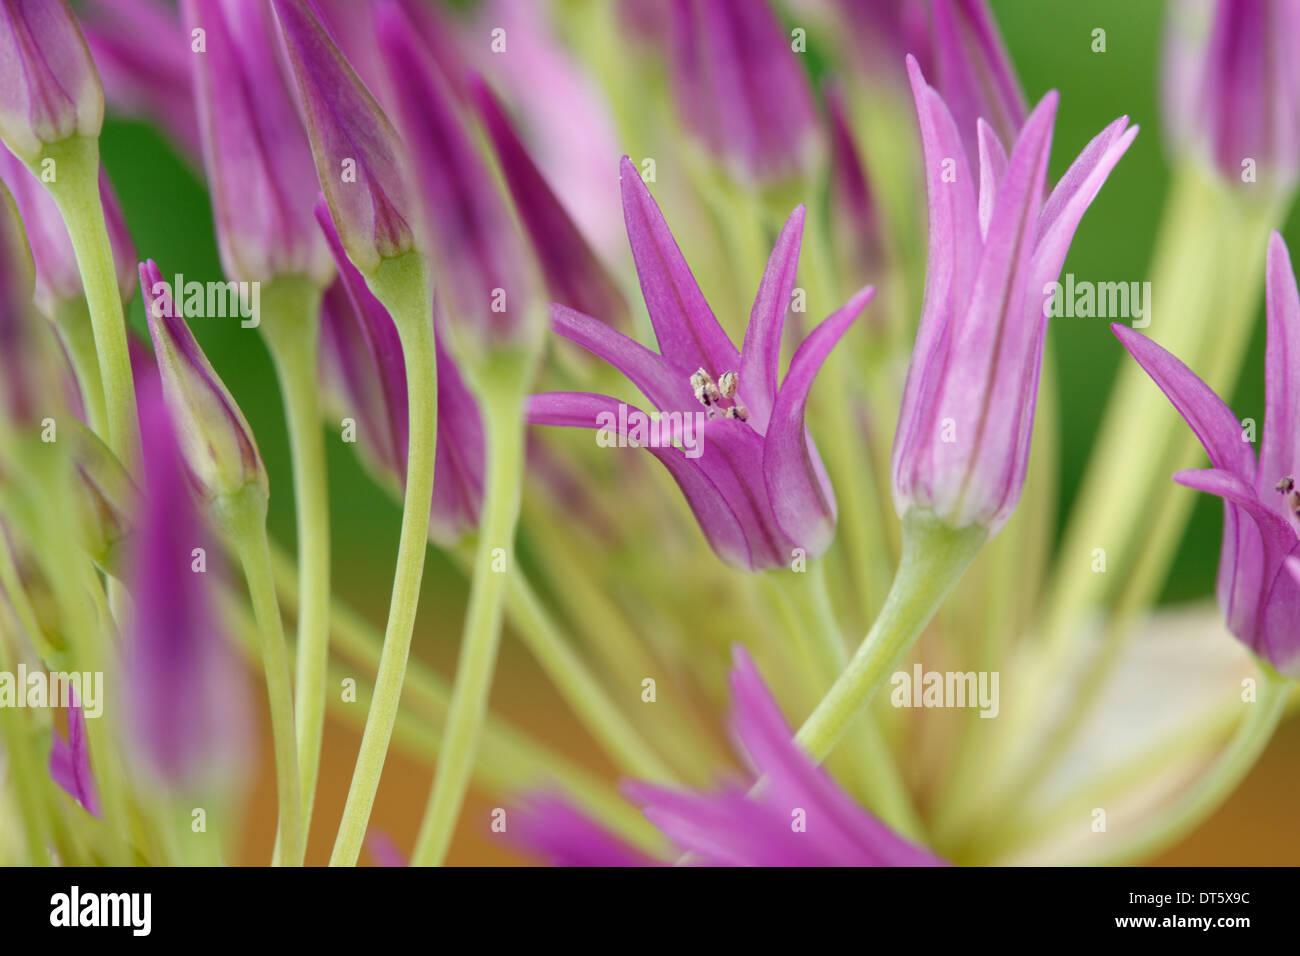 Allium falcifolium Sickle-headed garlic - Stock Image